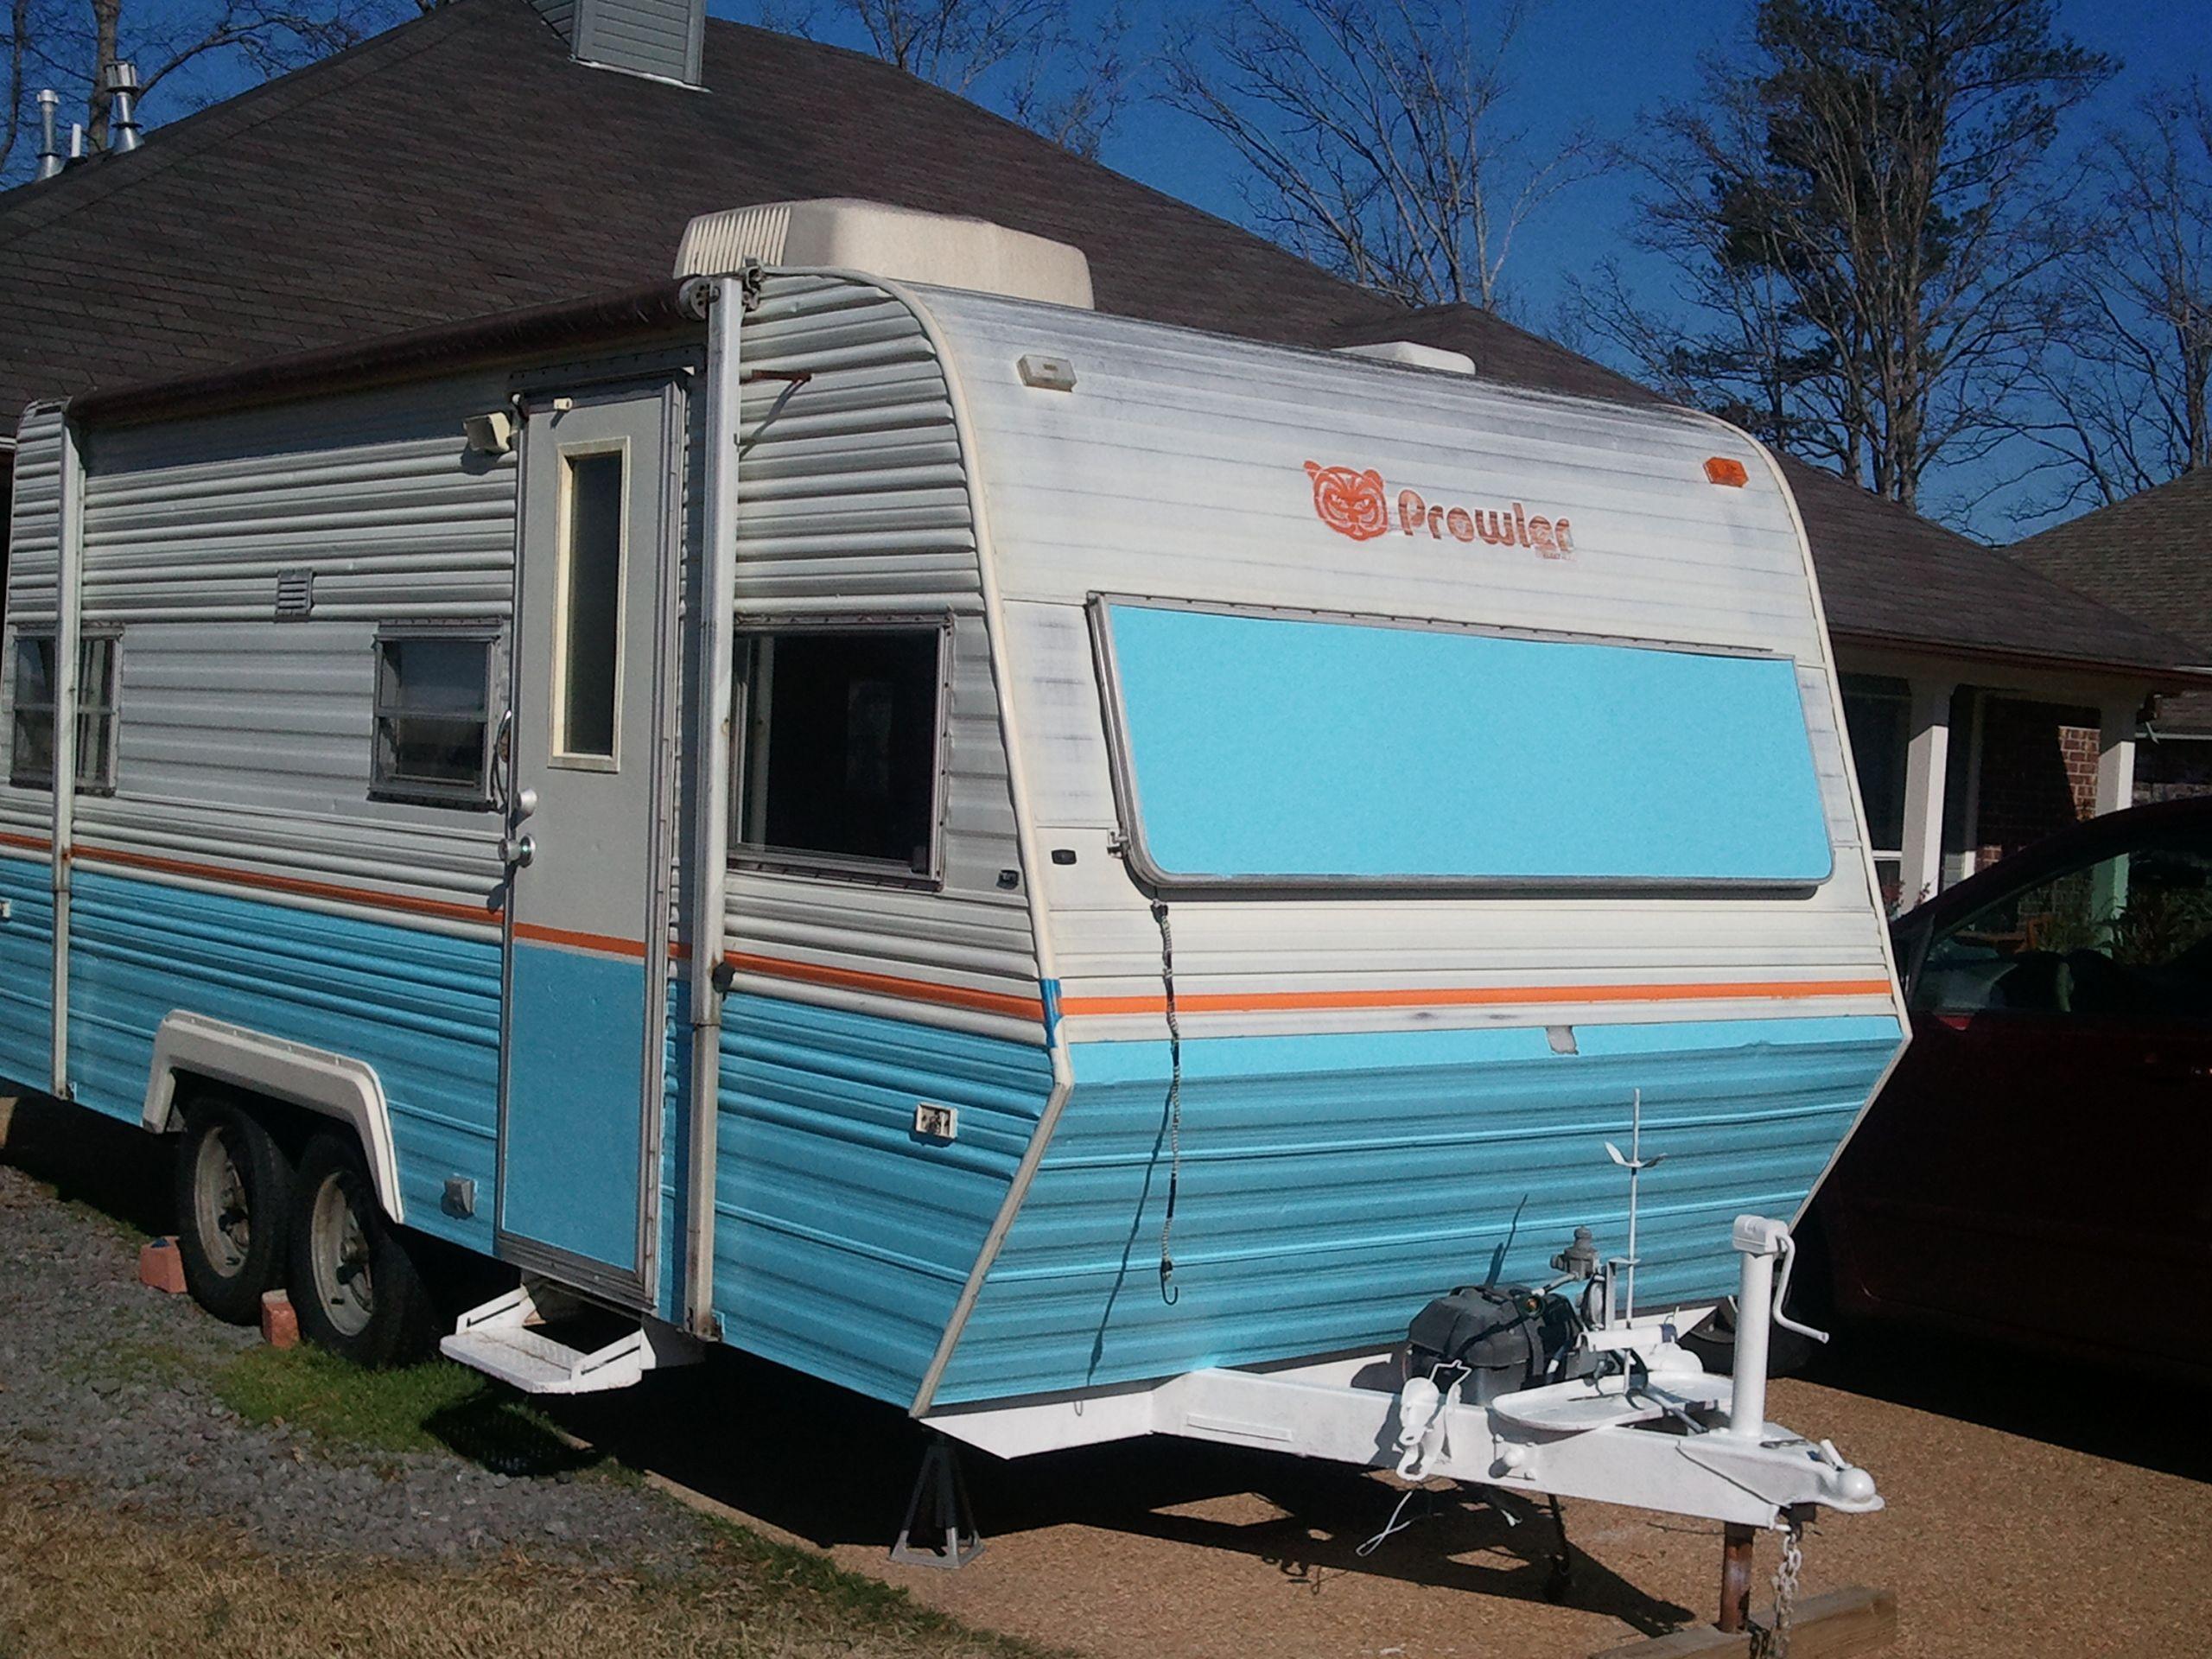 Flawless 25 Incredible Colorful Rv Paint Schemes Exterior Design For Summer Holiday Https Decor Camper Trailer Remodel Vintage Camper Remodel Camper Makeover